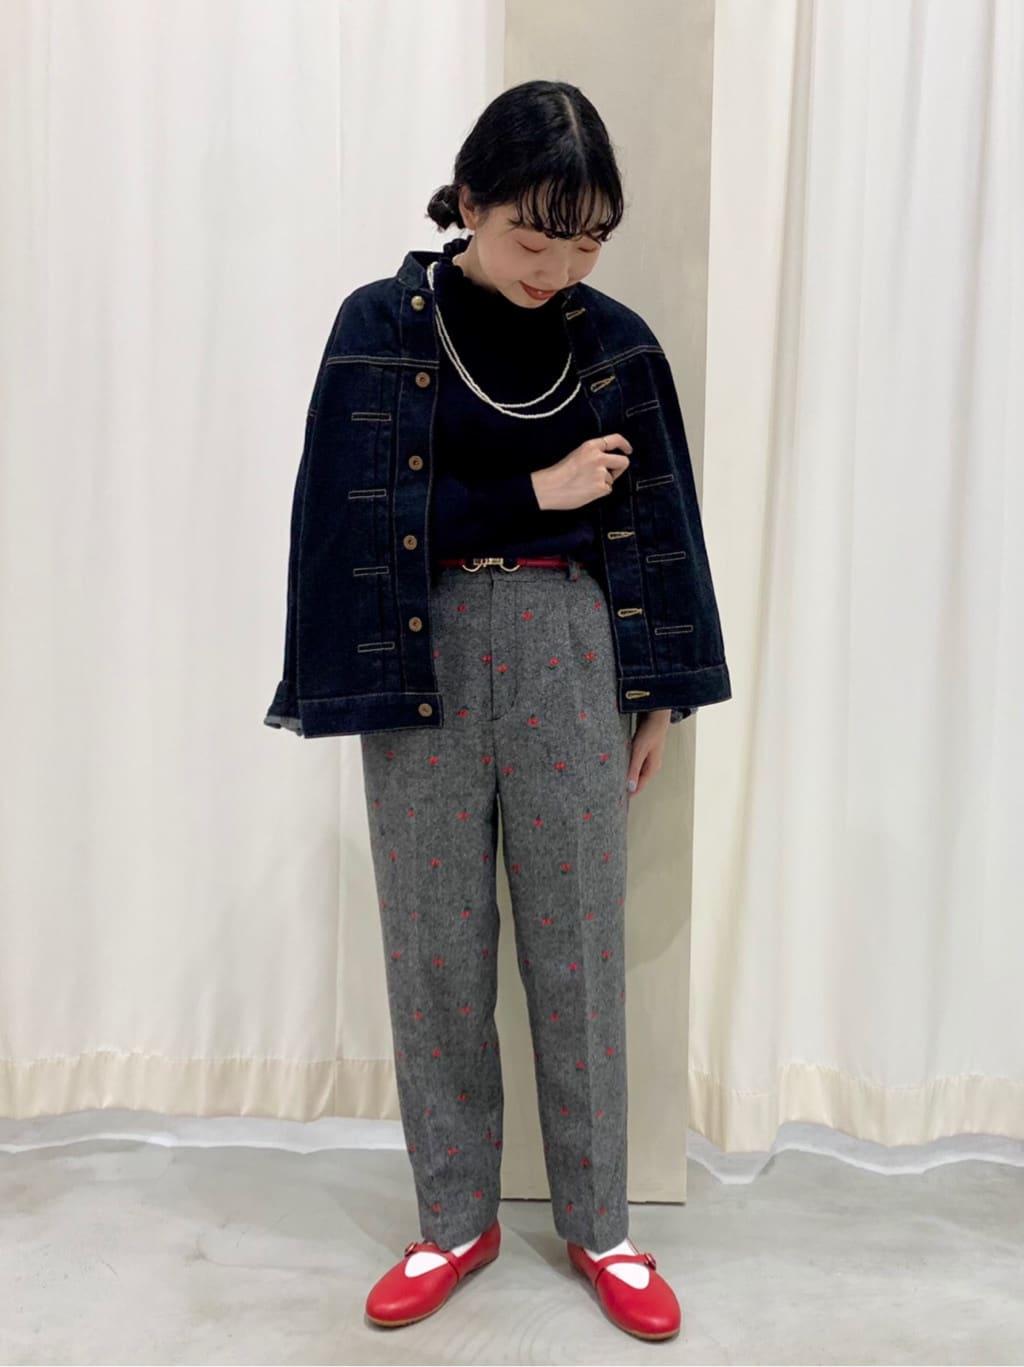 CHILD WOMAN , PAR ICI ルミネ横浜 2021.09.26